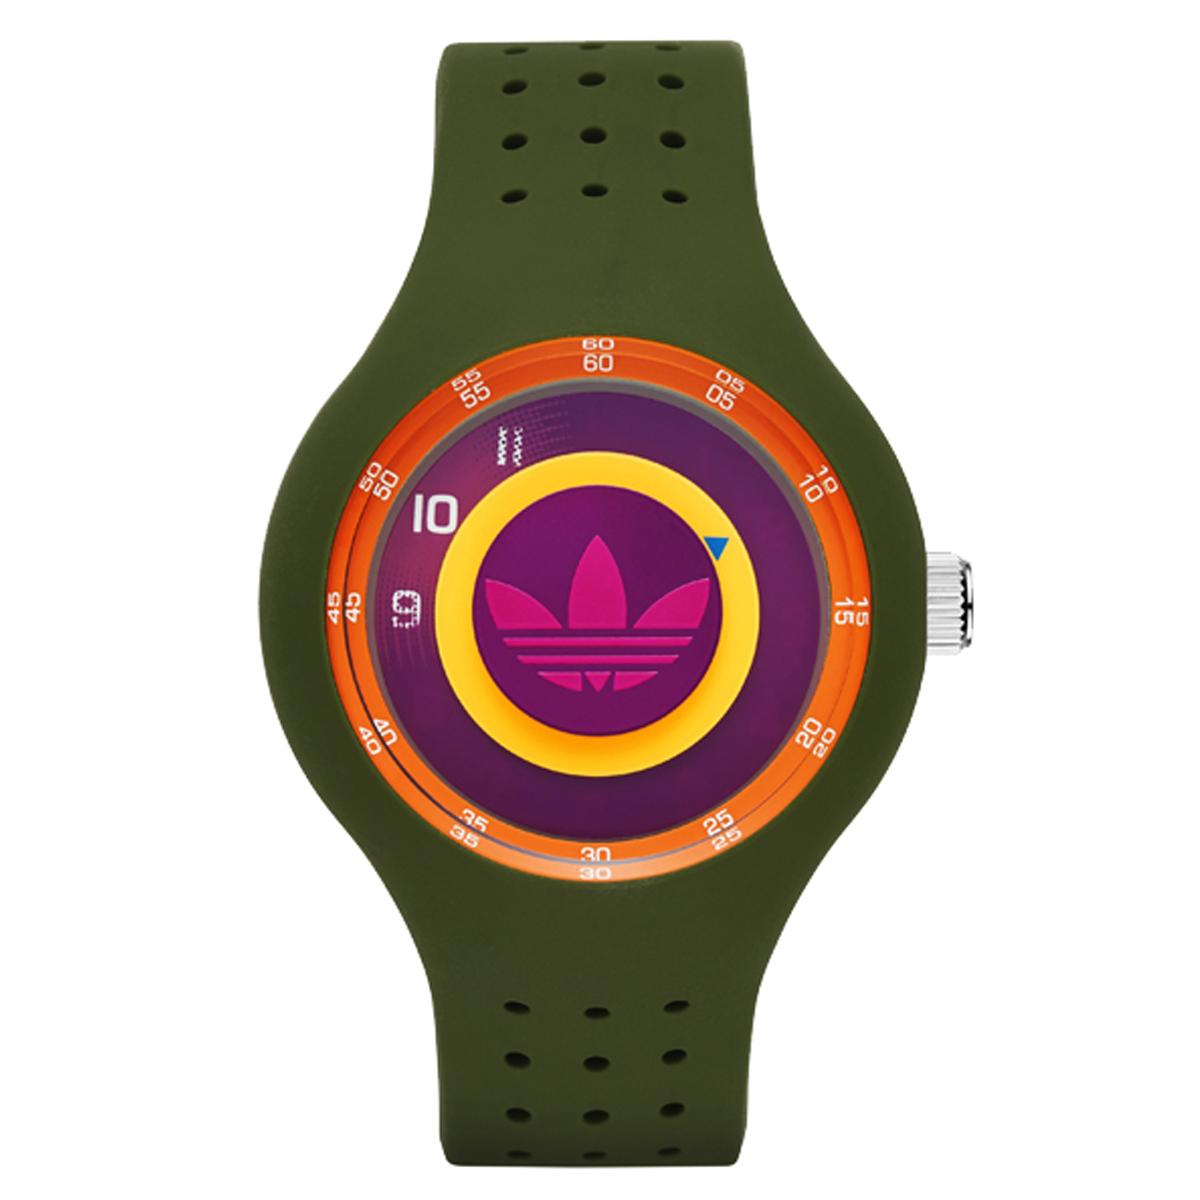 นาฬิกาผู้ชาย Adidas รุ่น ADH3060